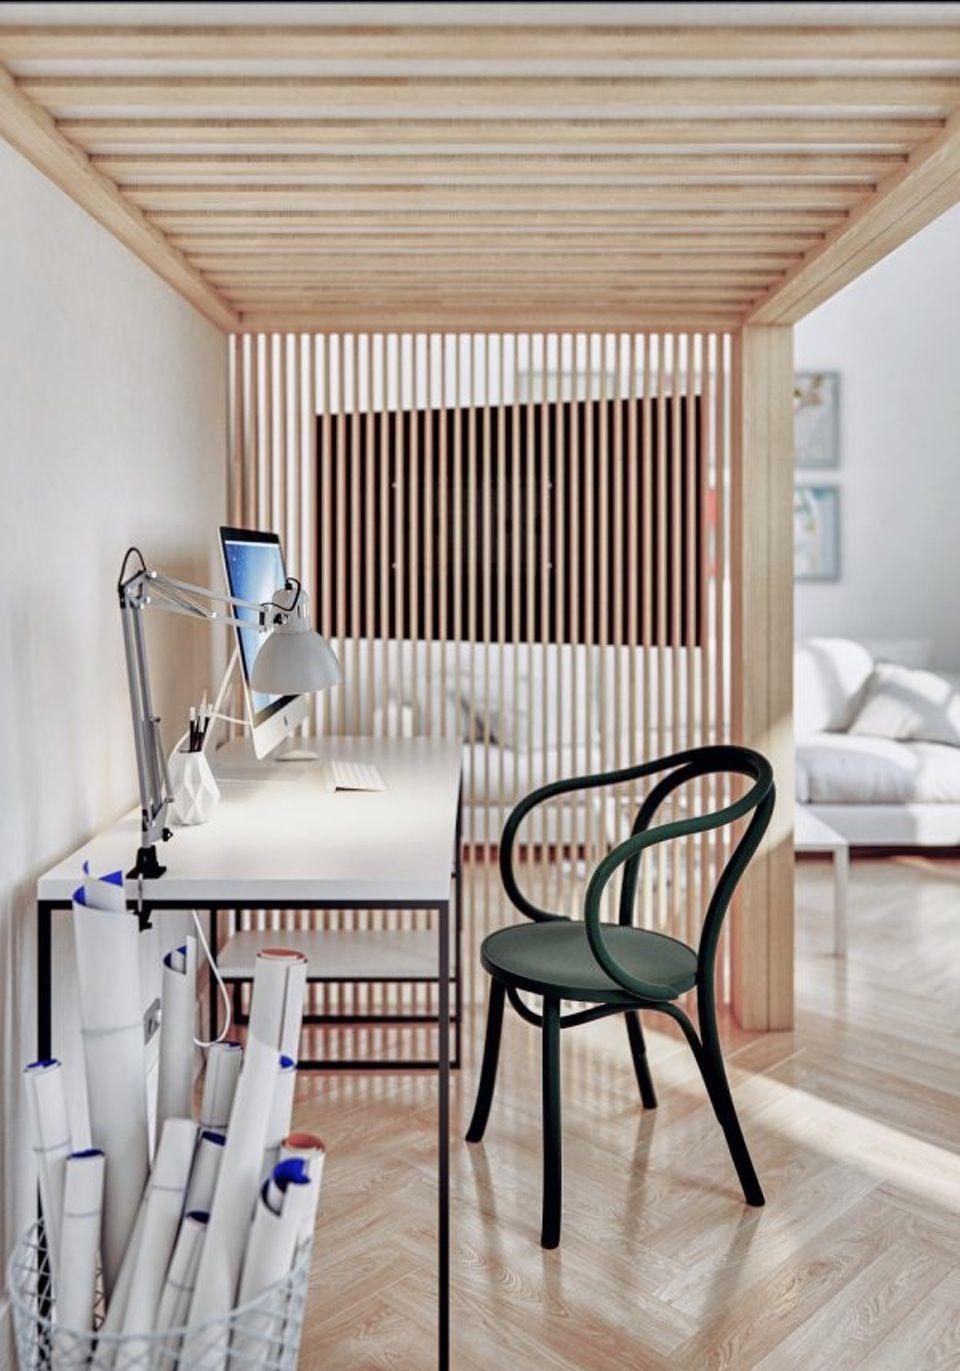 30 og 44 m2: To små lejligheder med store armbevægelser   Boligmagasinet.dk